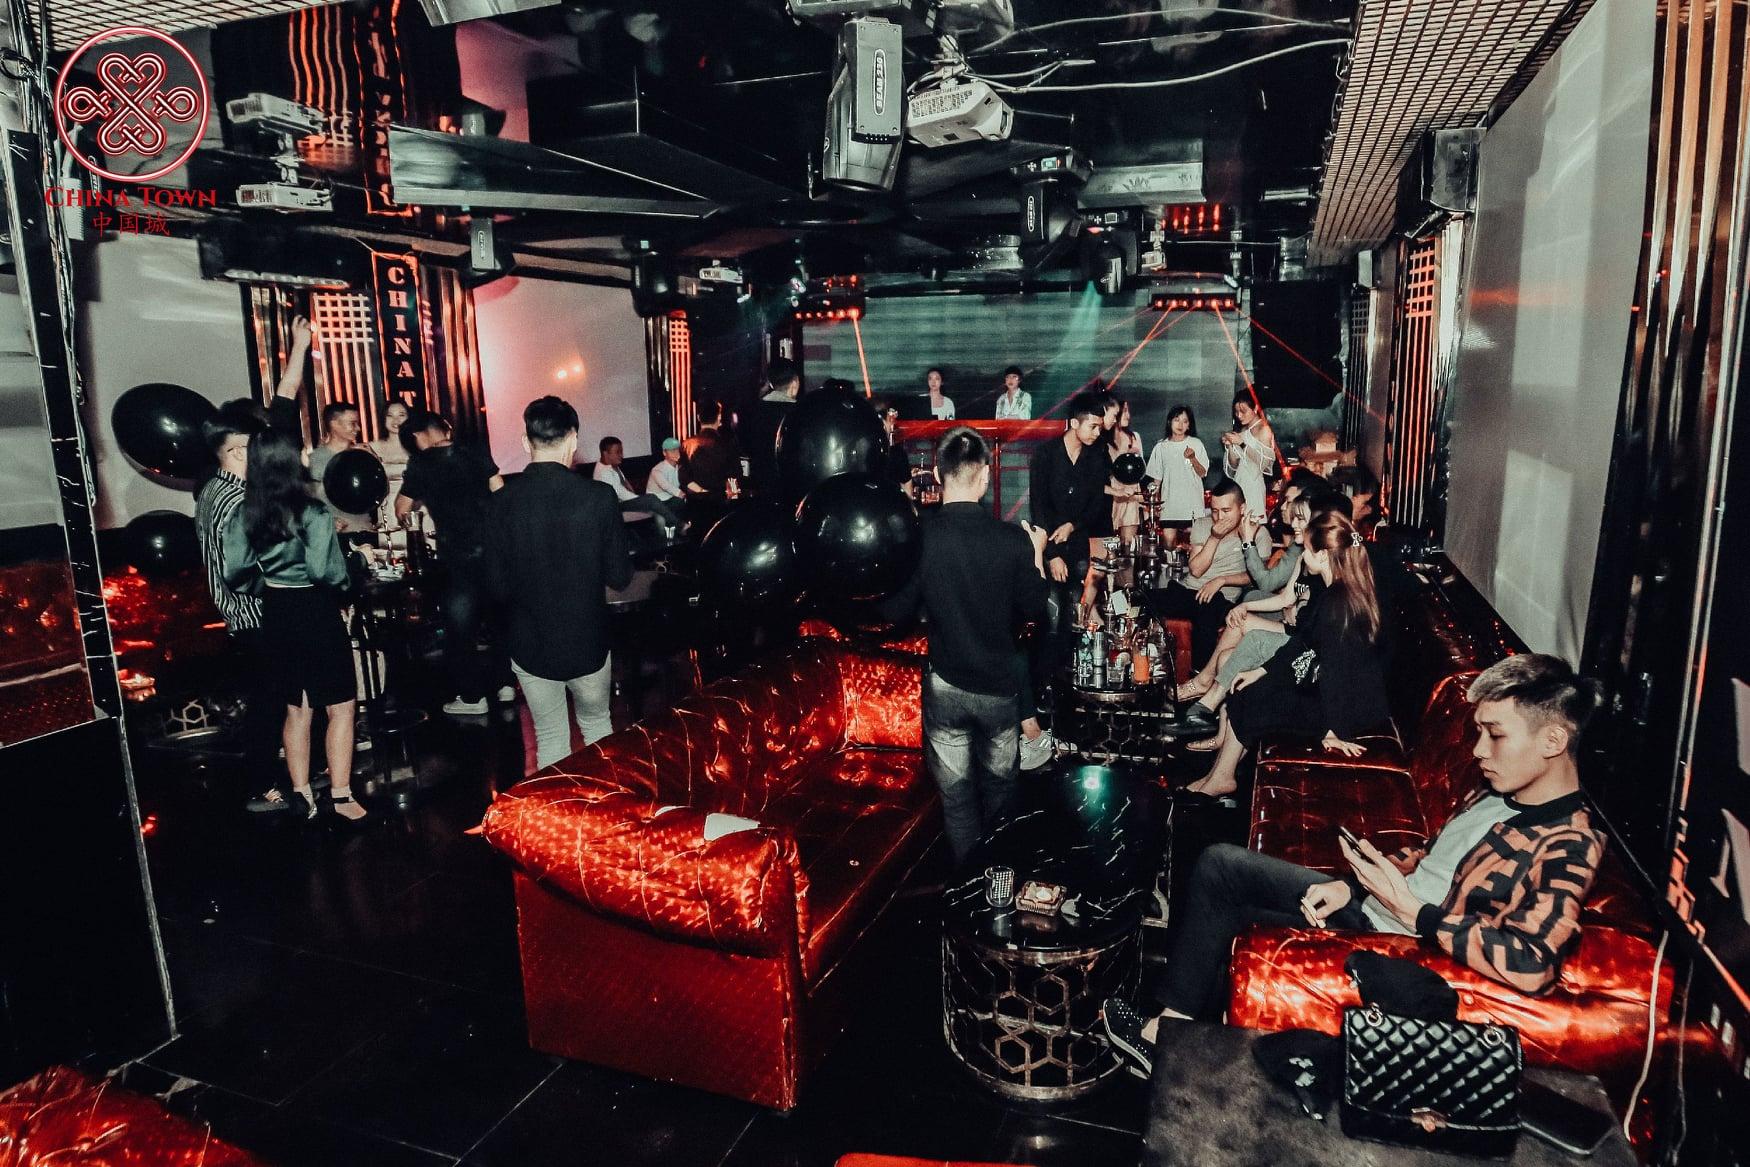 Dàn âm thanh quán bar cực chất cho China Town